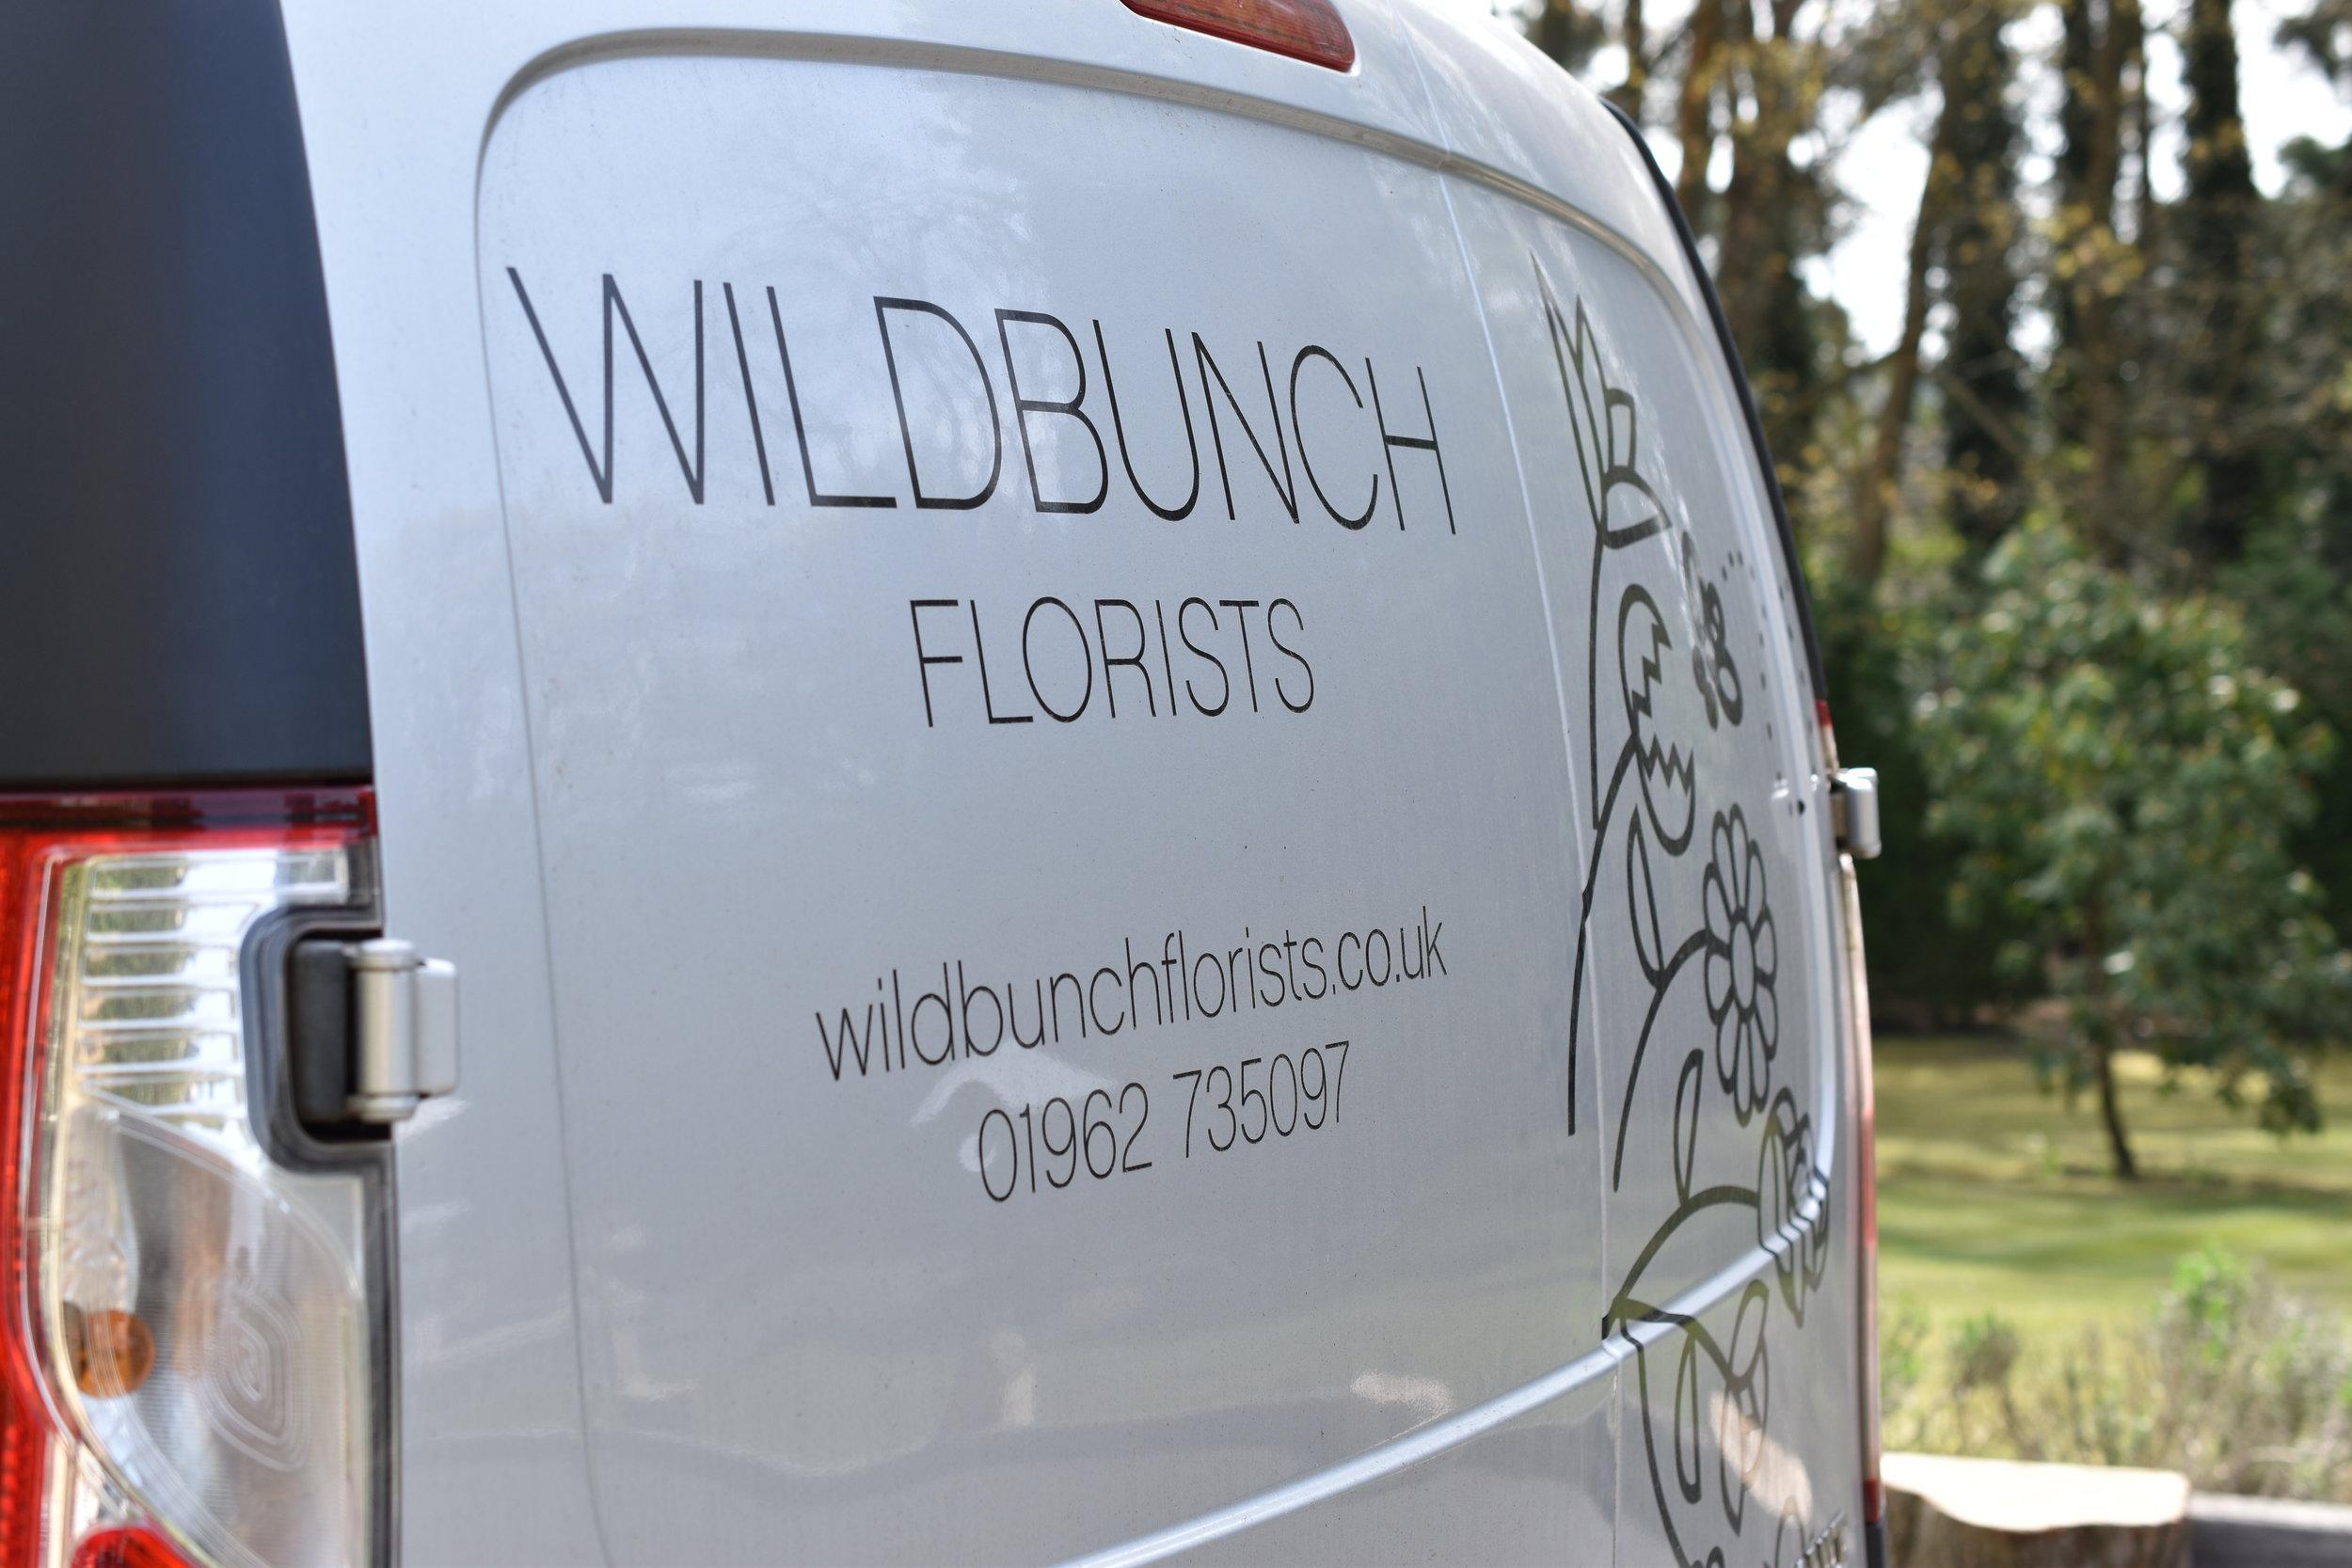 The van that always delivers